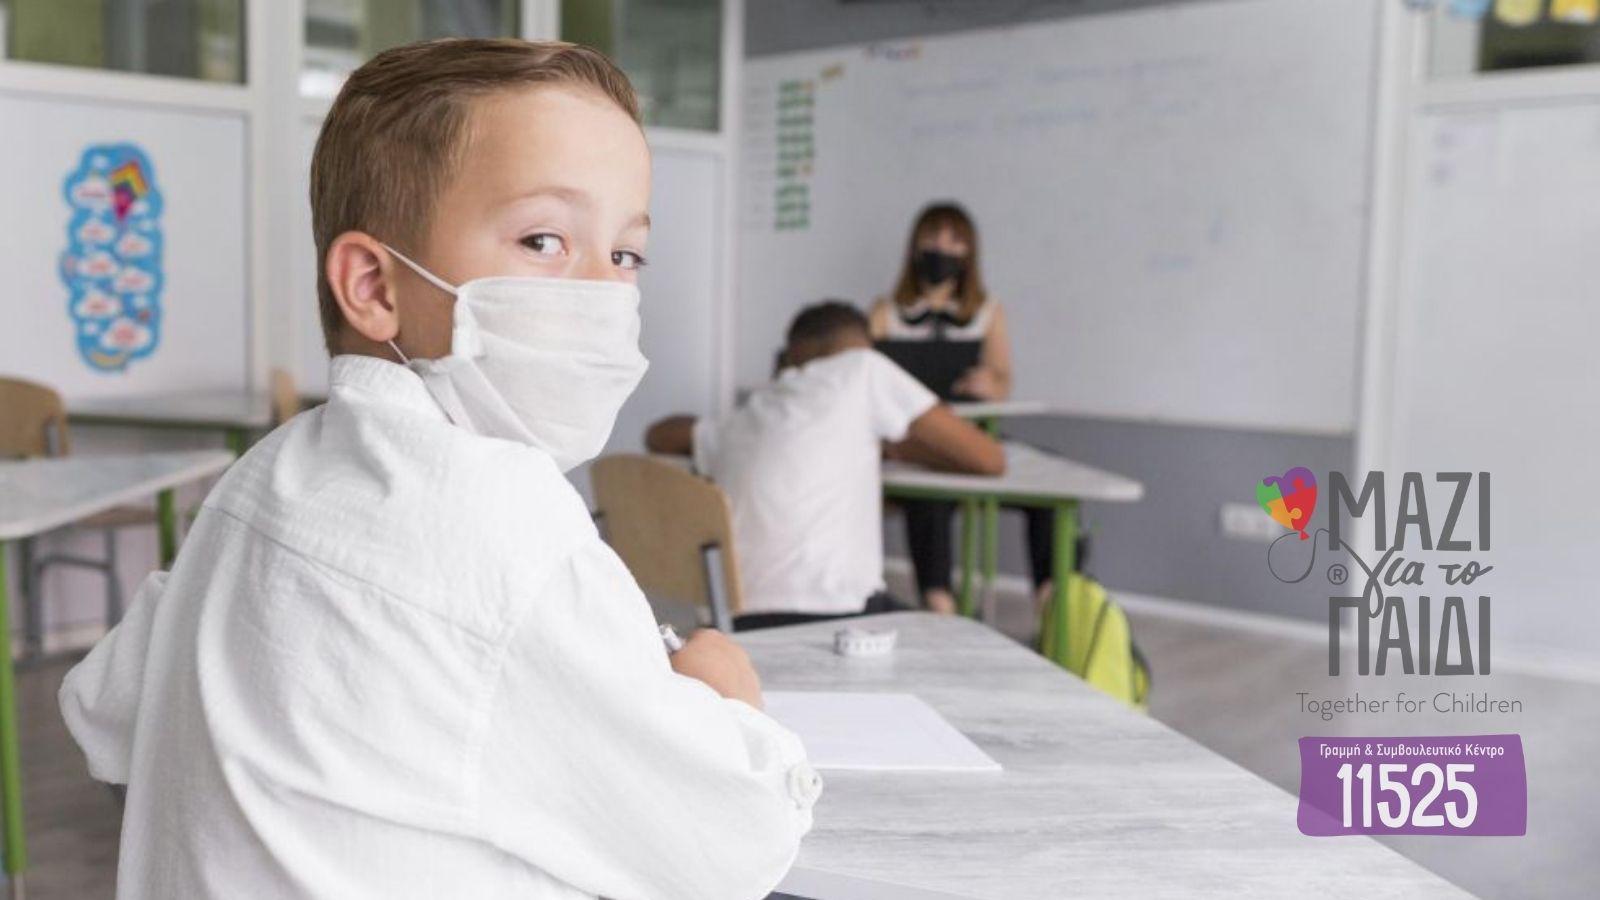 παιδί στη σχολικλη ταξη - Γραμμή 11525 Μαζί για το Παιδί